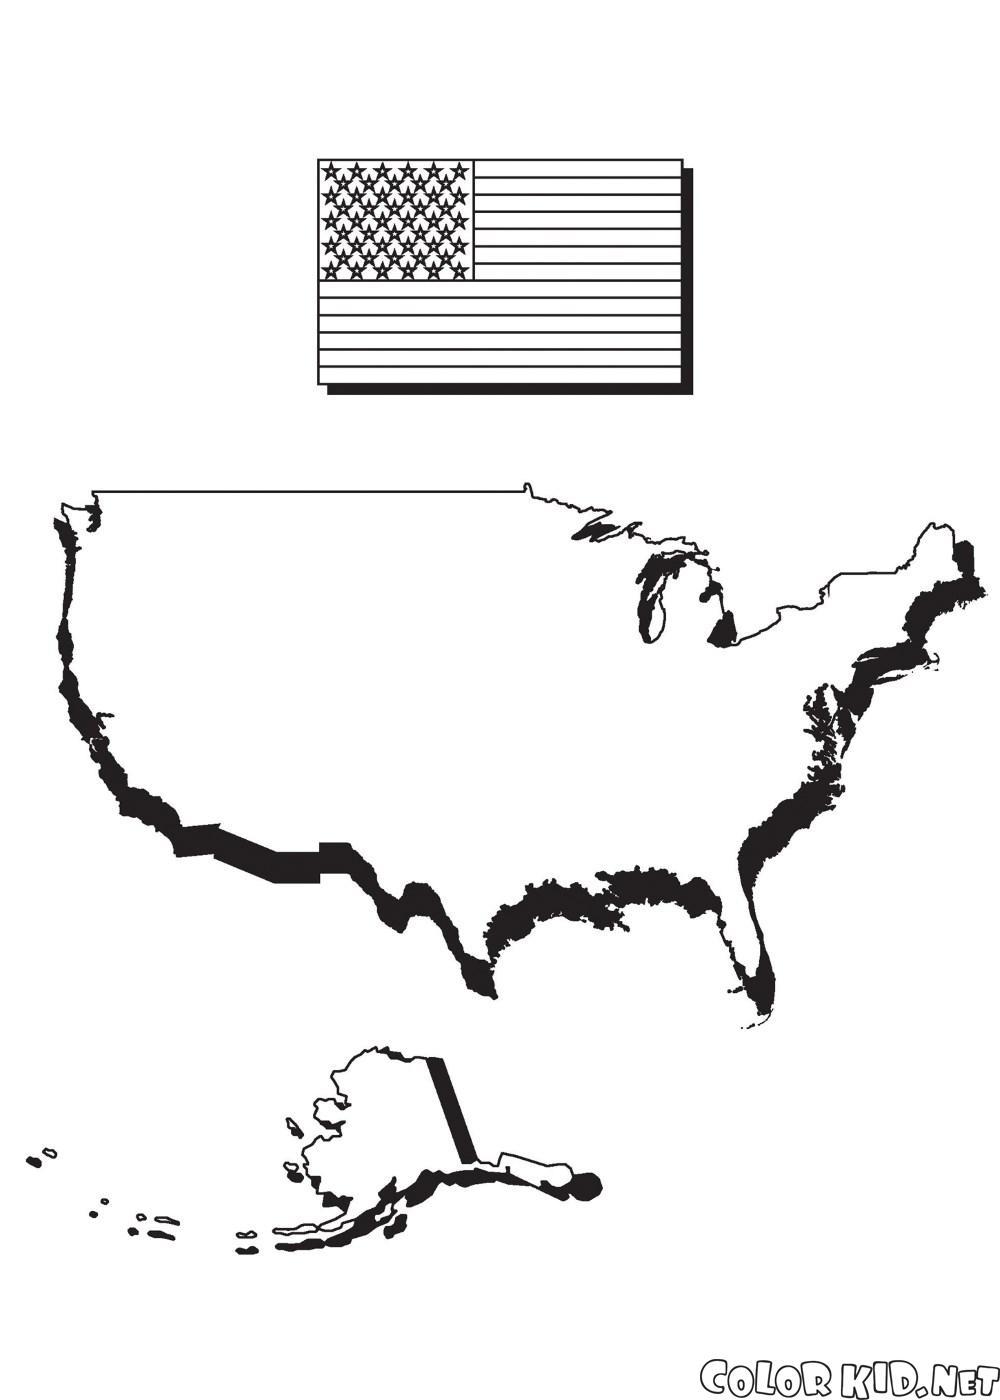 Dibujo para colorear - Mapa de América y la bandera